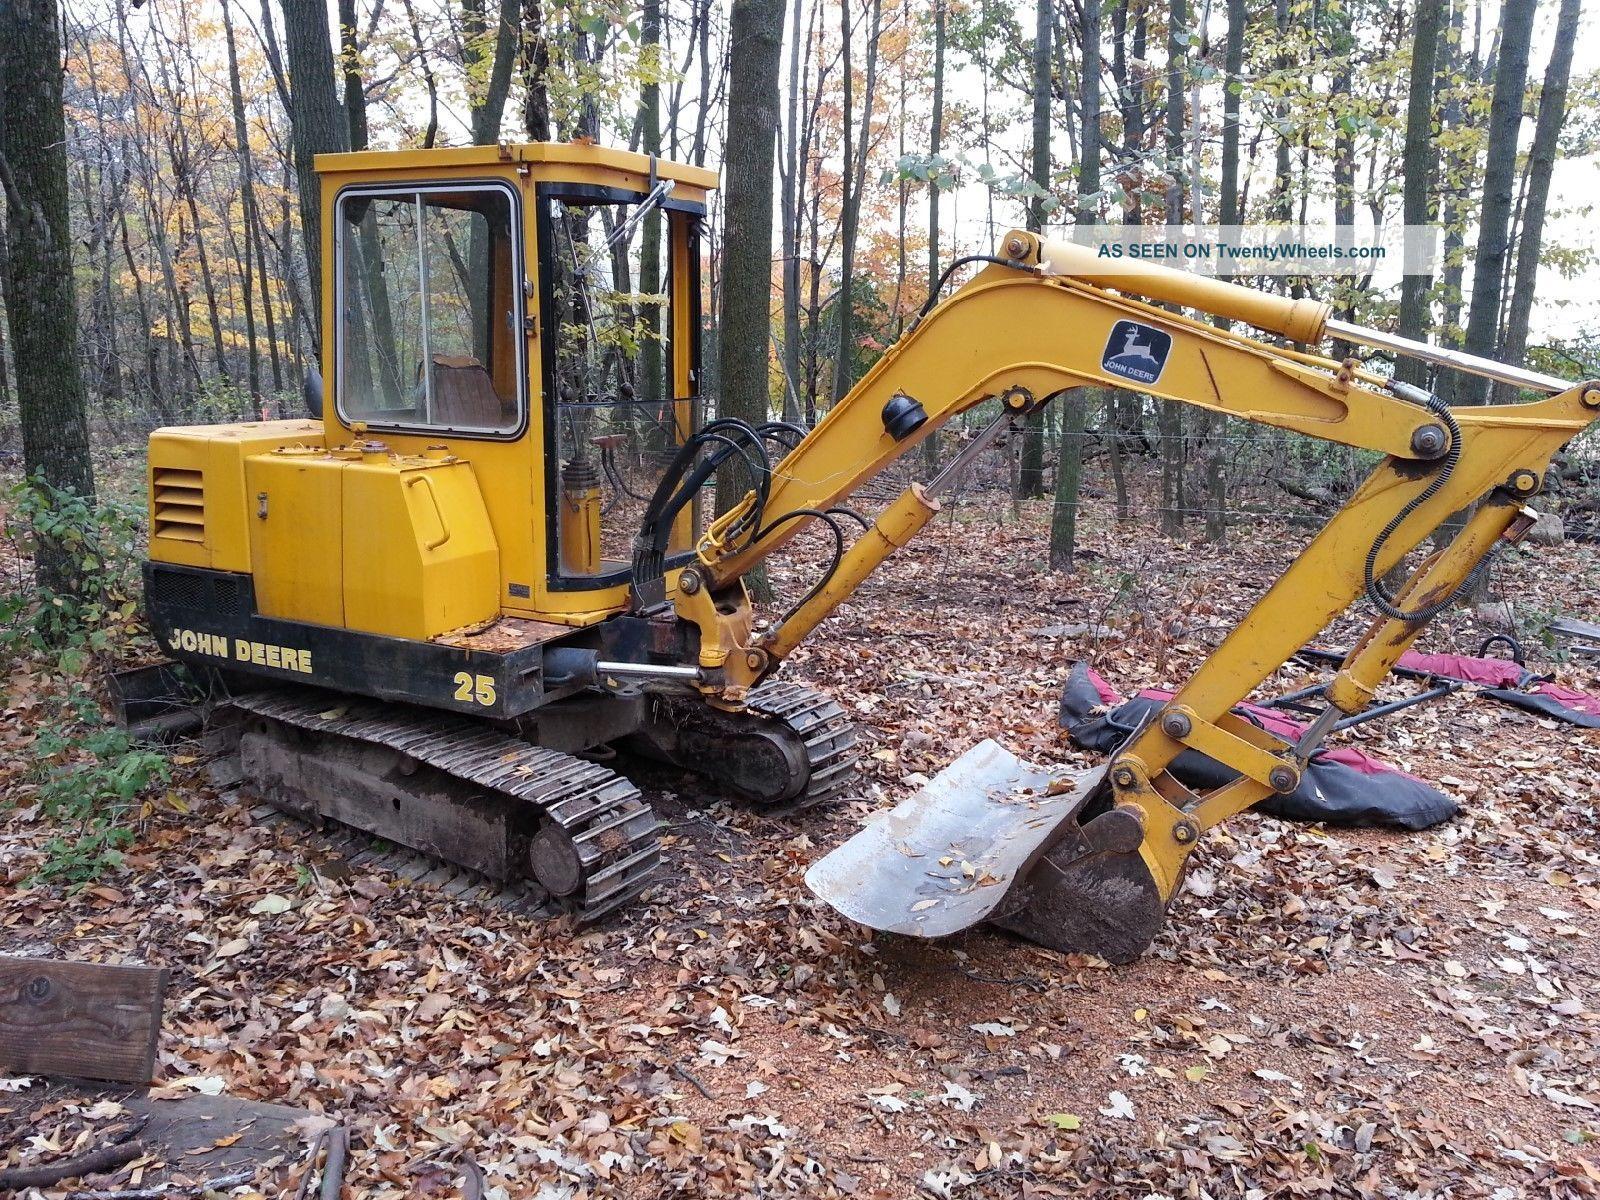 John Deere Excavator 25